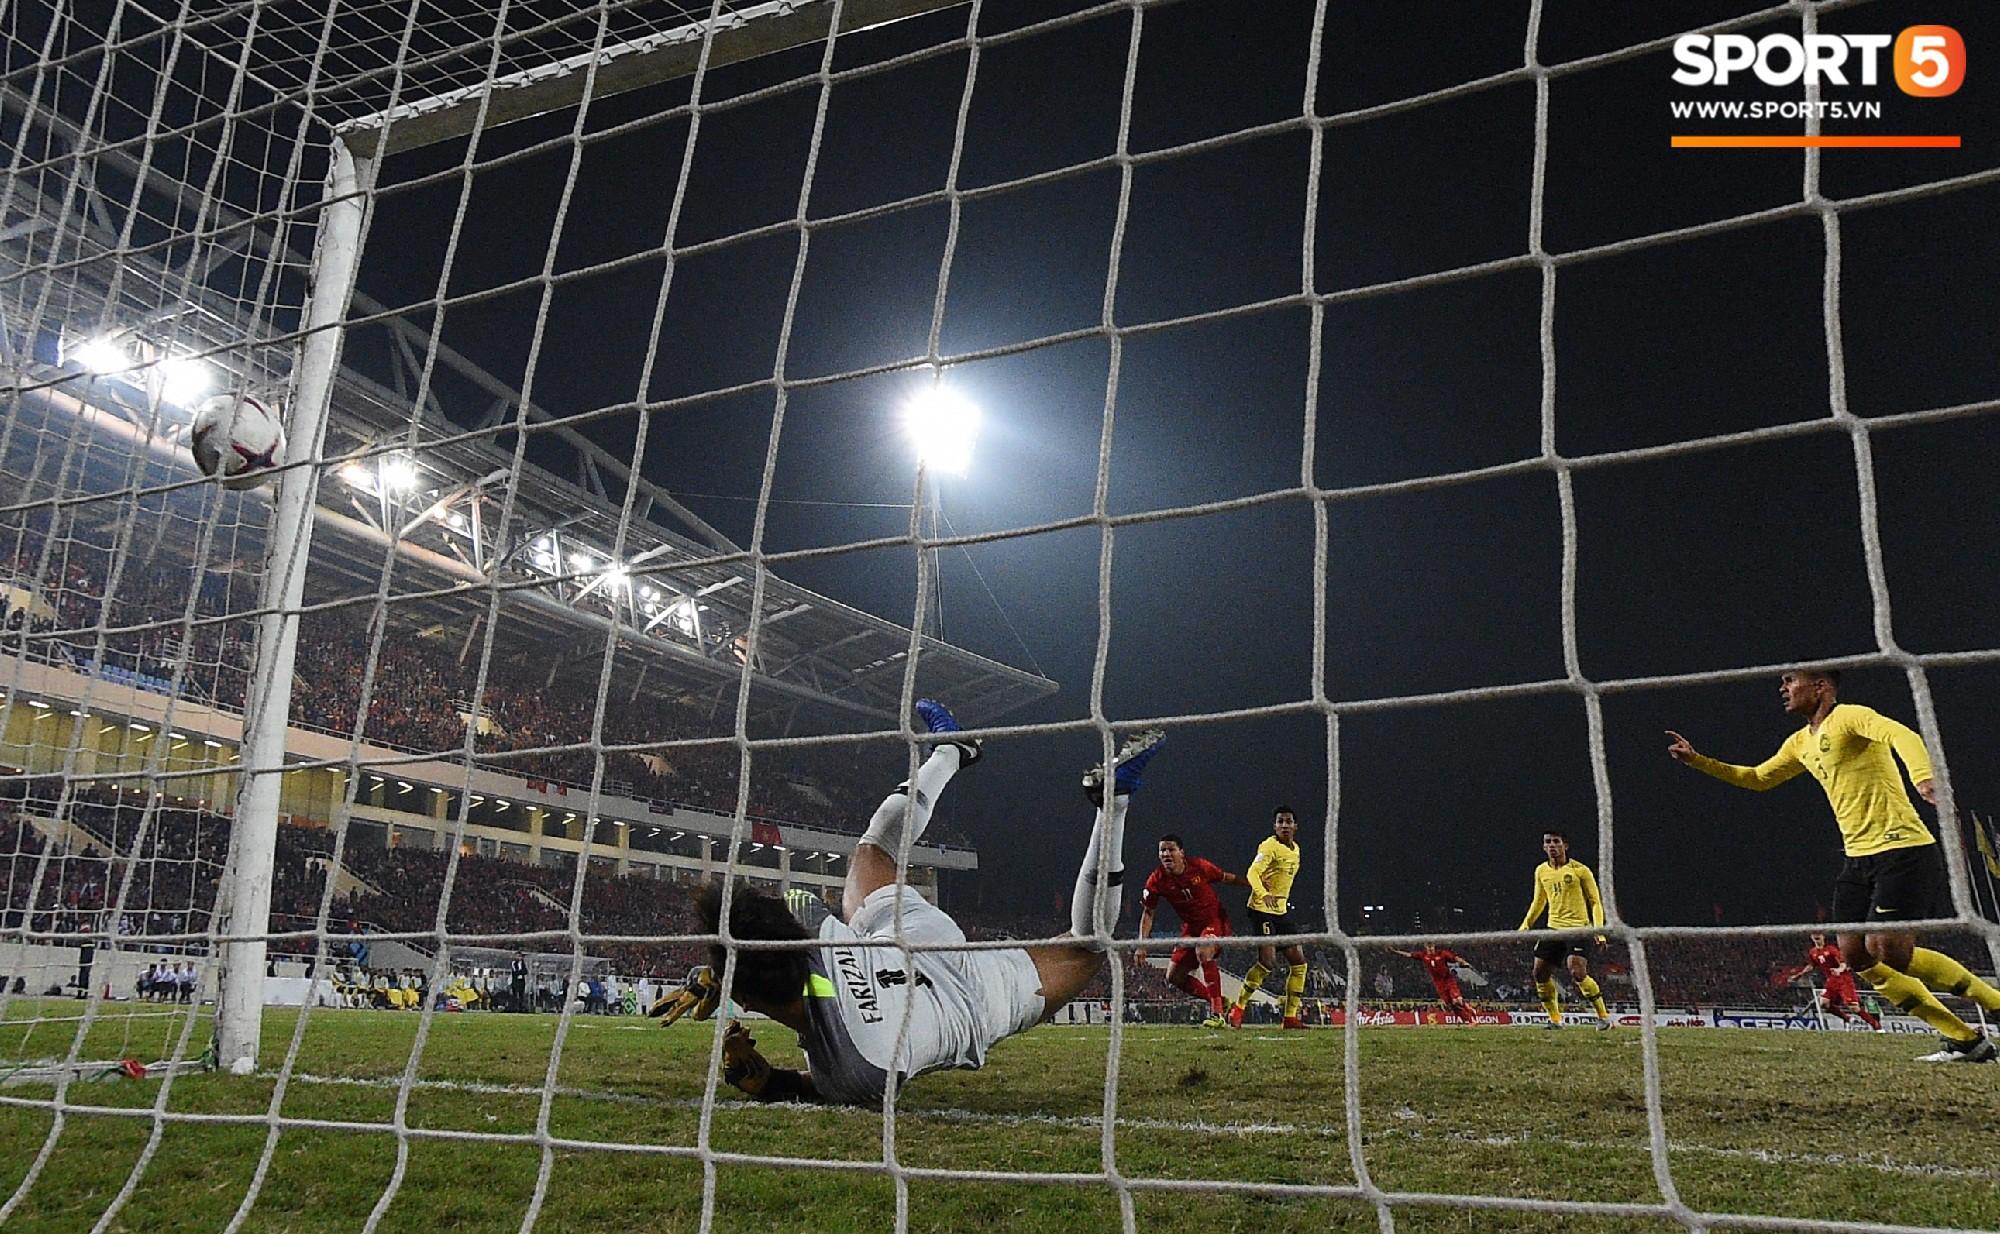 Hành trình kỳ diệu của bóng đá Việt Nam trong năm 2018 qua ảnh-20